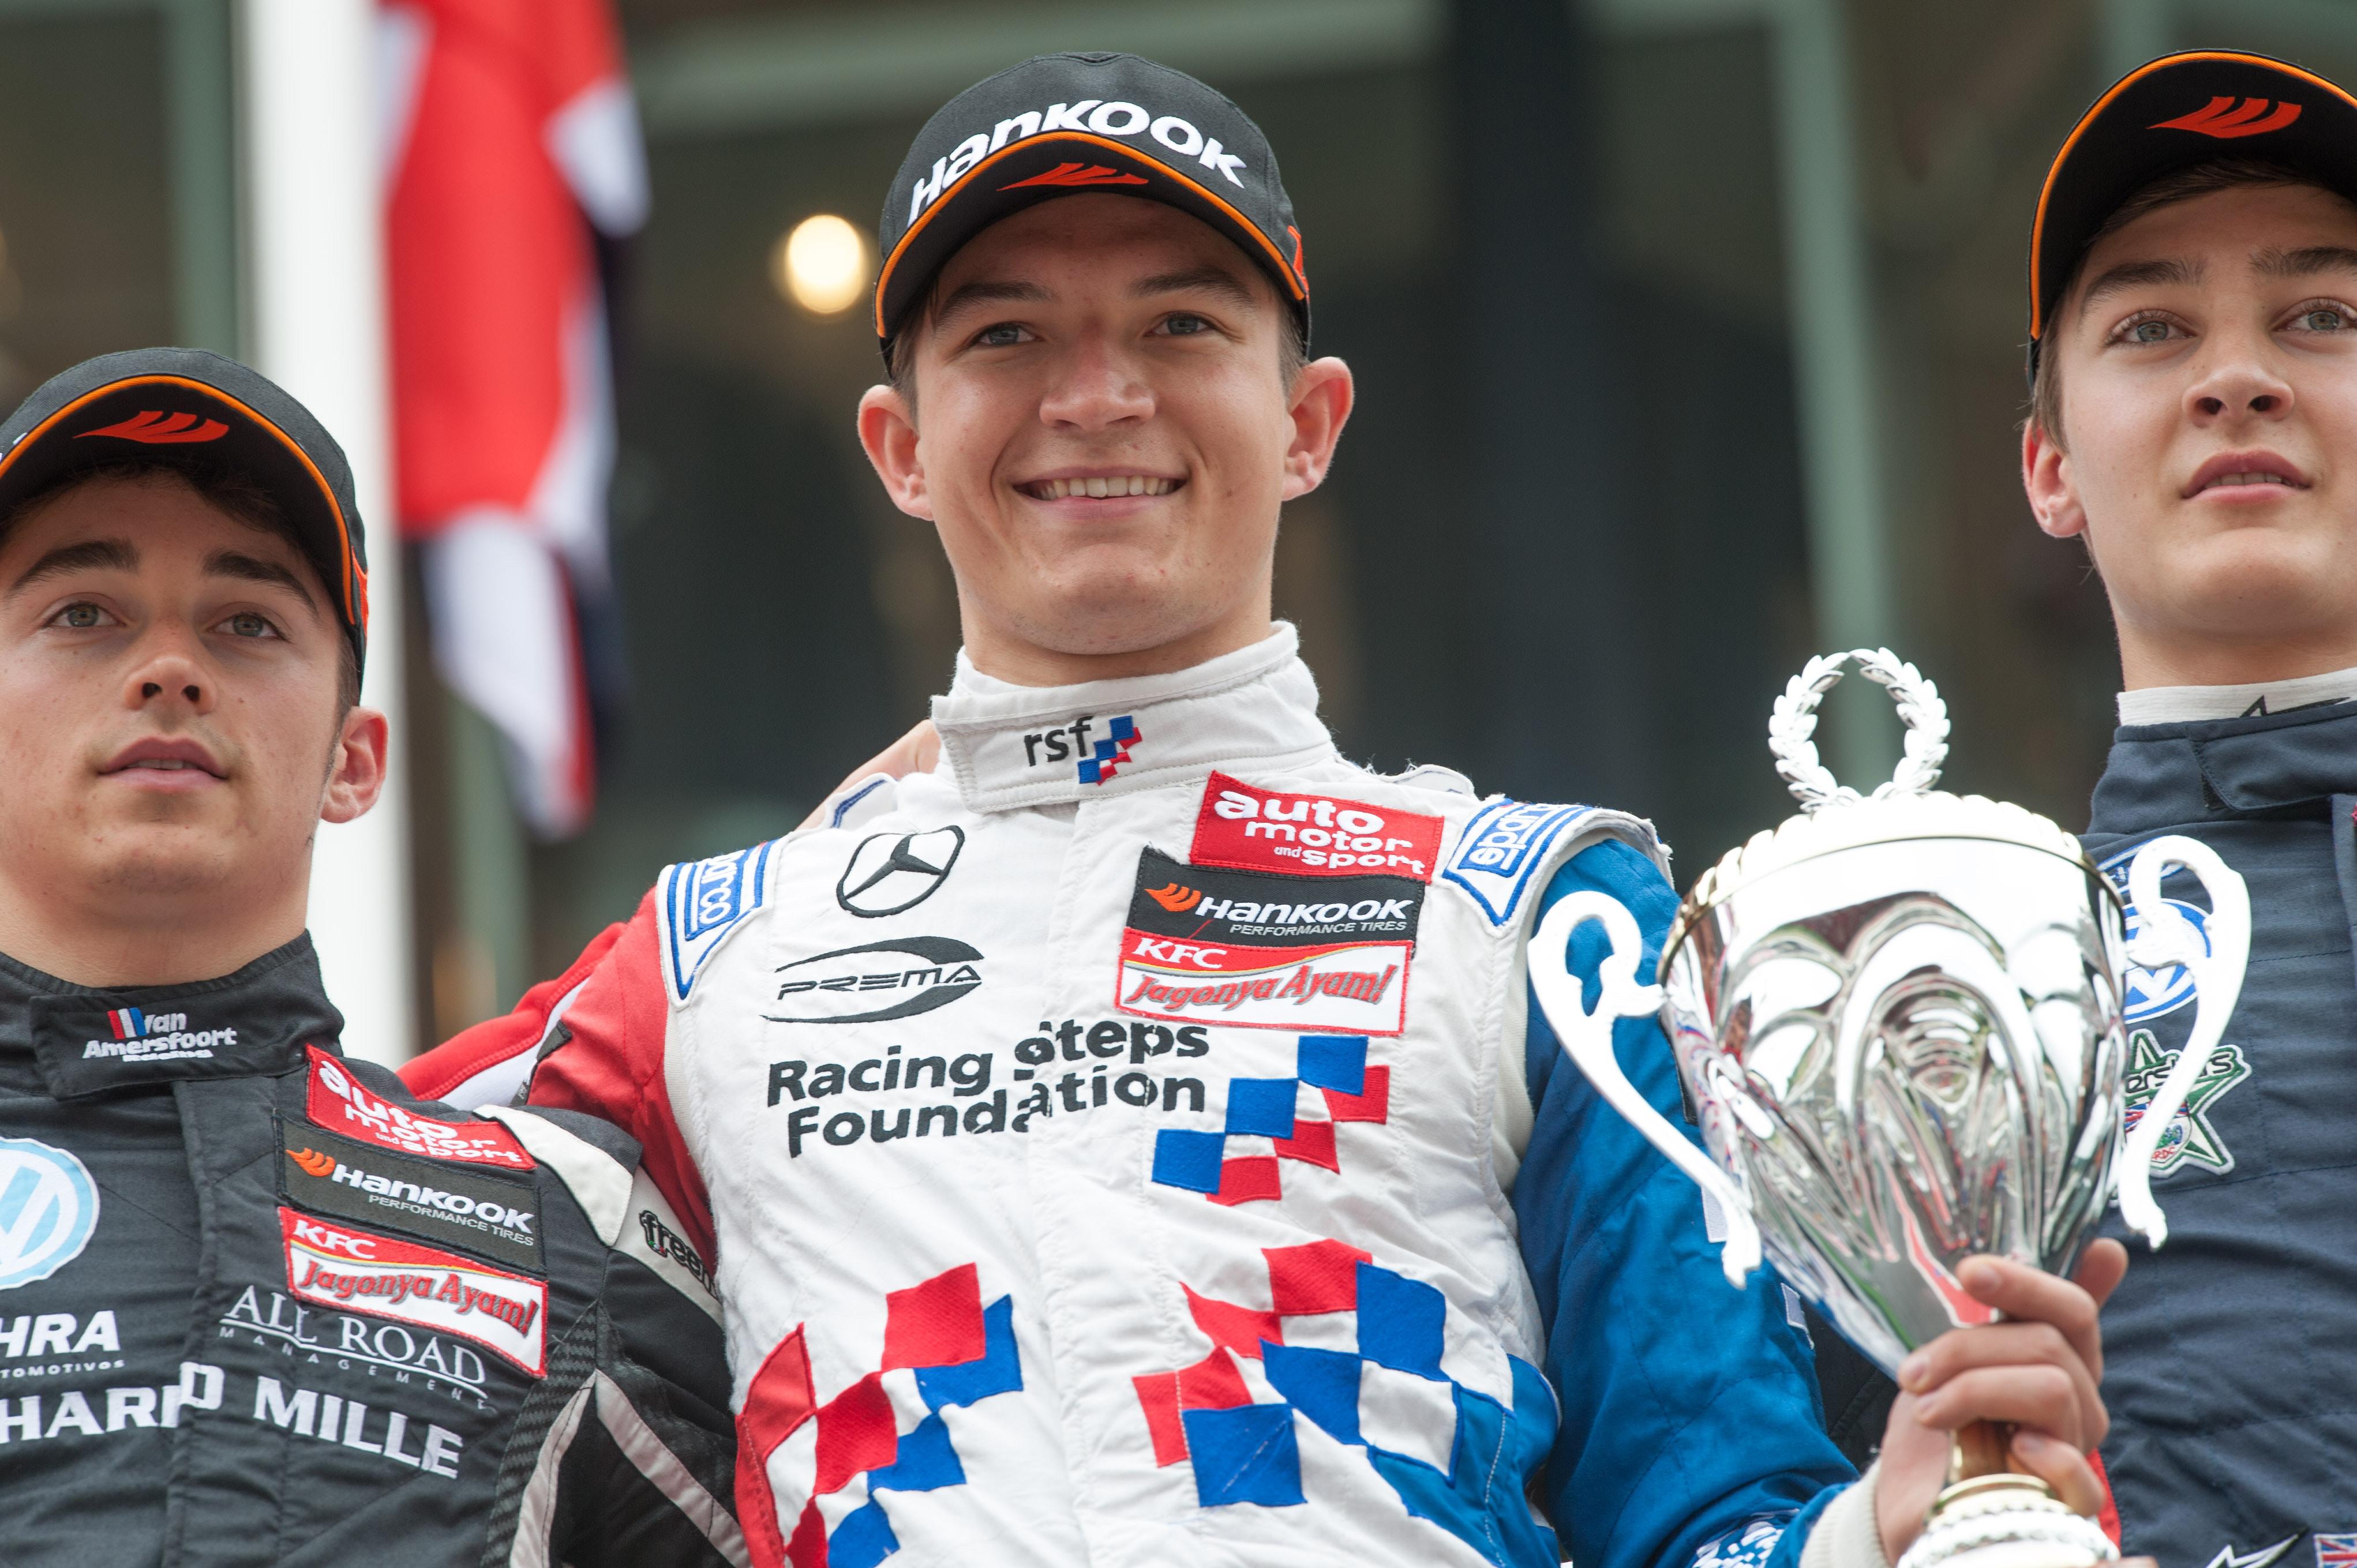 Fia F3 European Championship 2015, Round 5, Spa Francorchamps